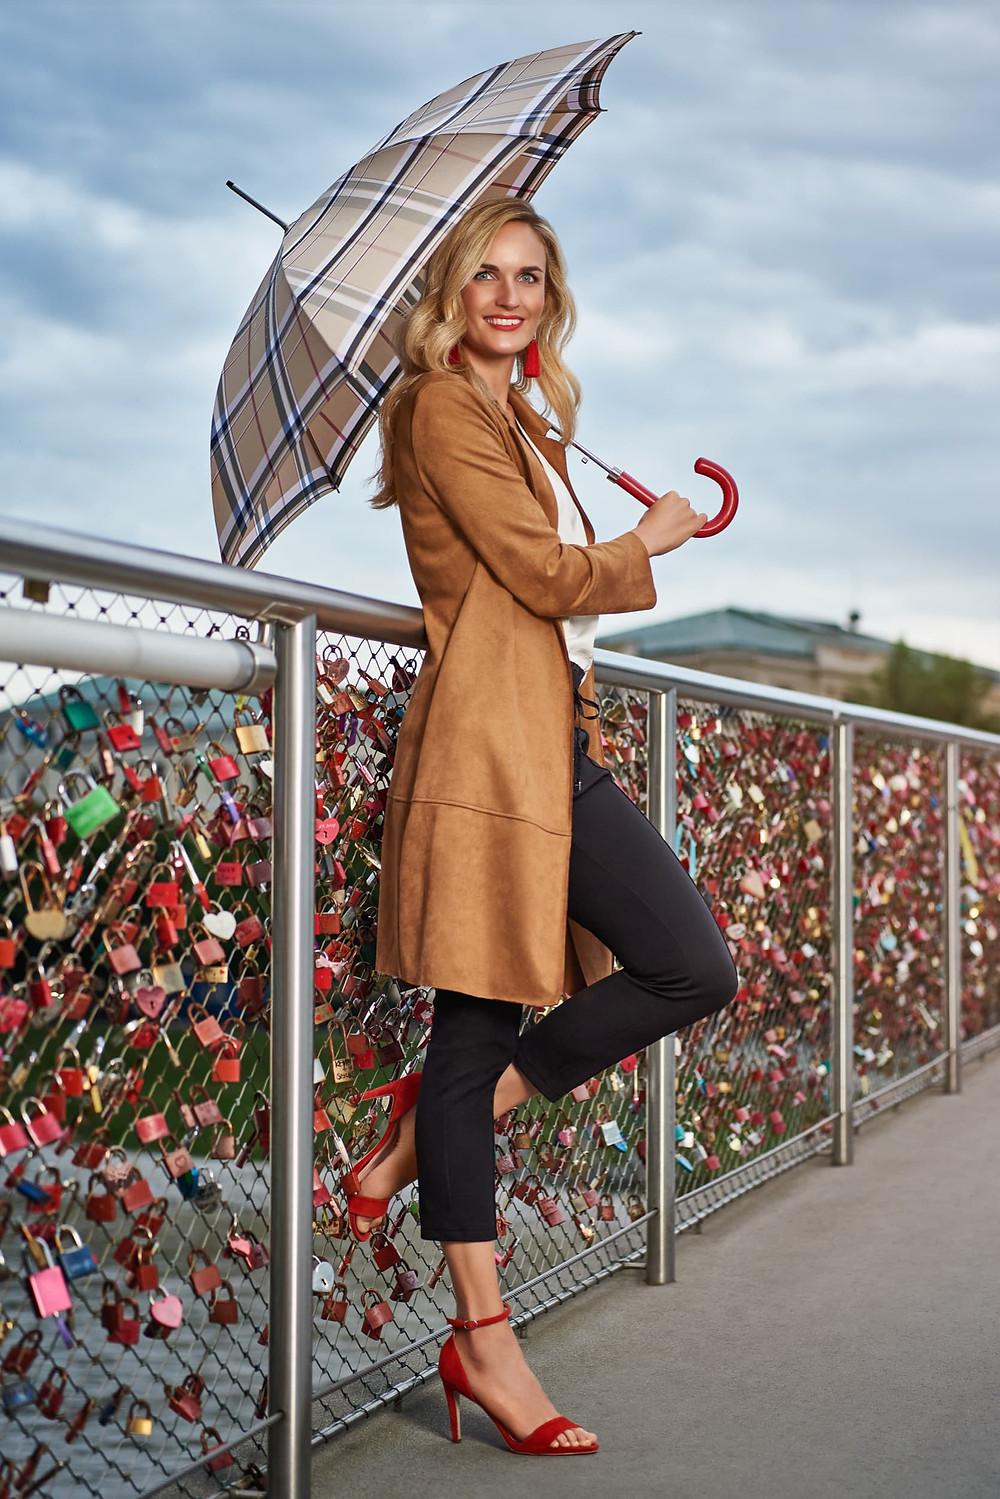 Frau mit einem konfigurierten Regenschirm